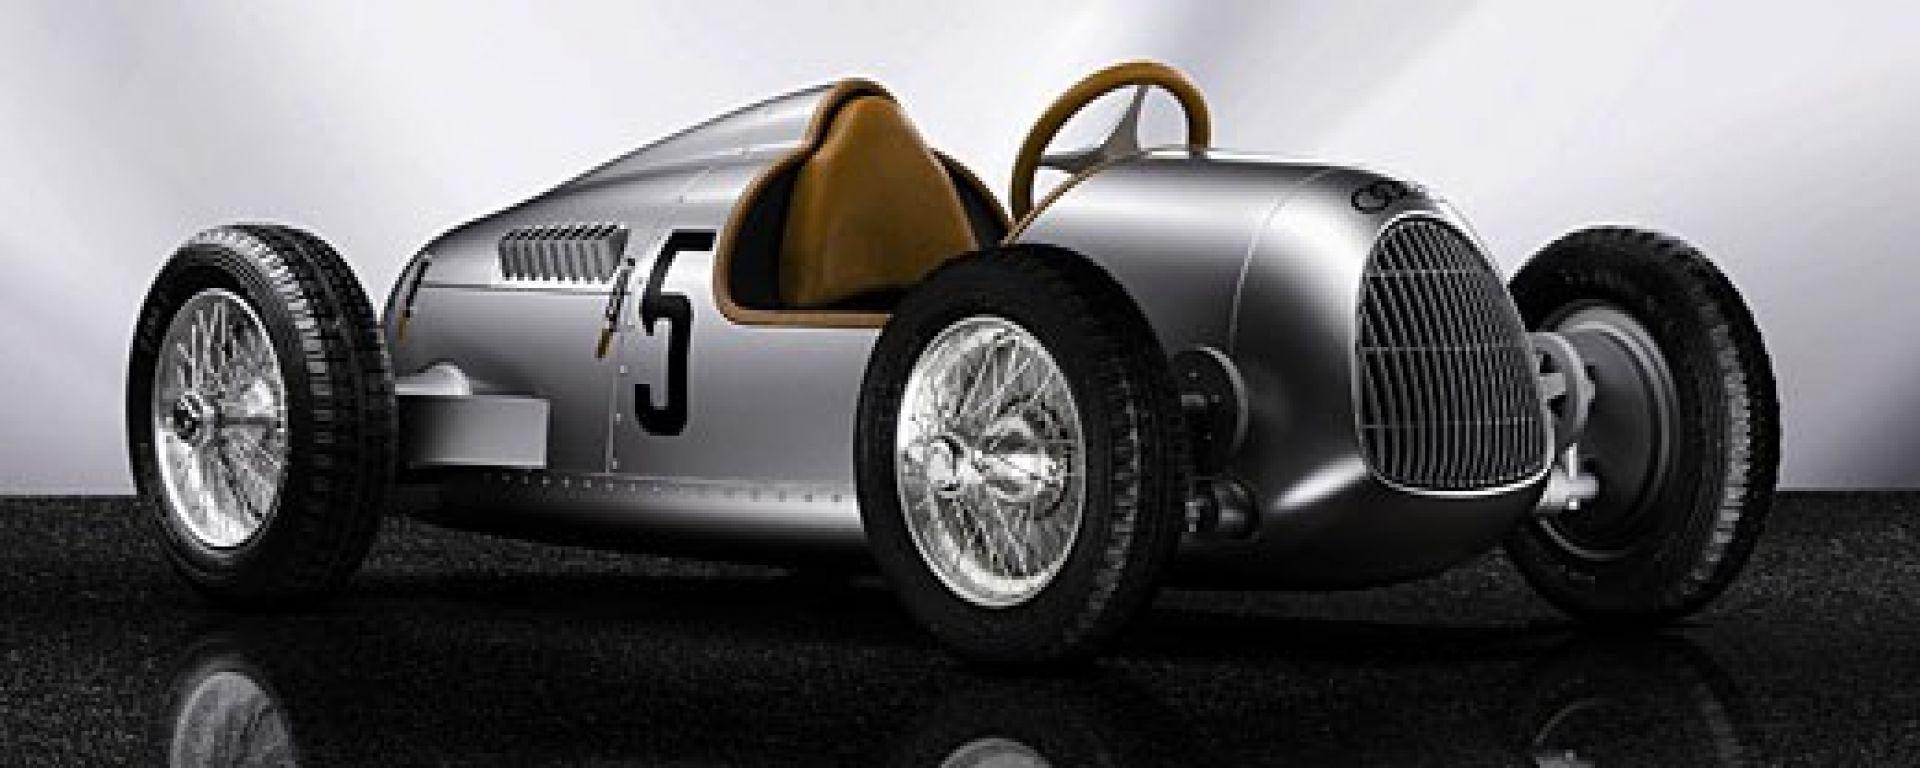 Audi Auto Union Type C 2007